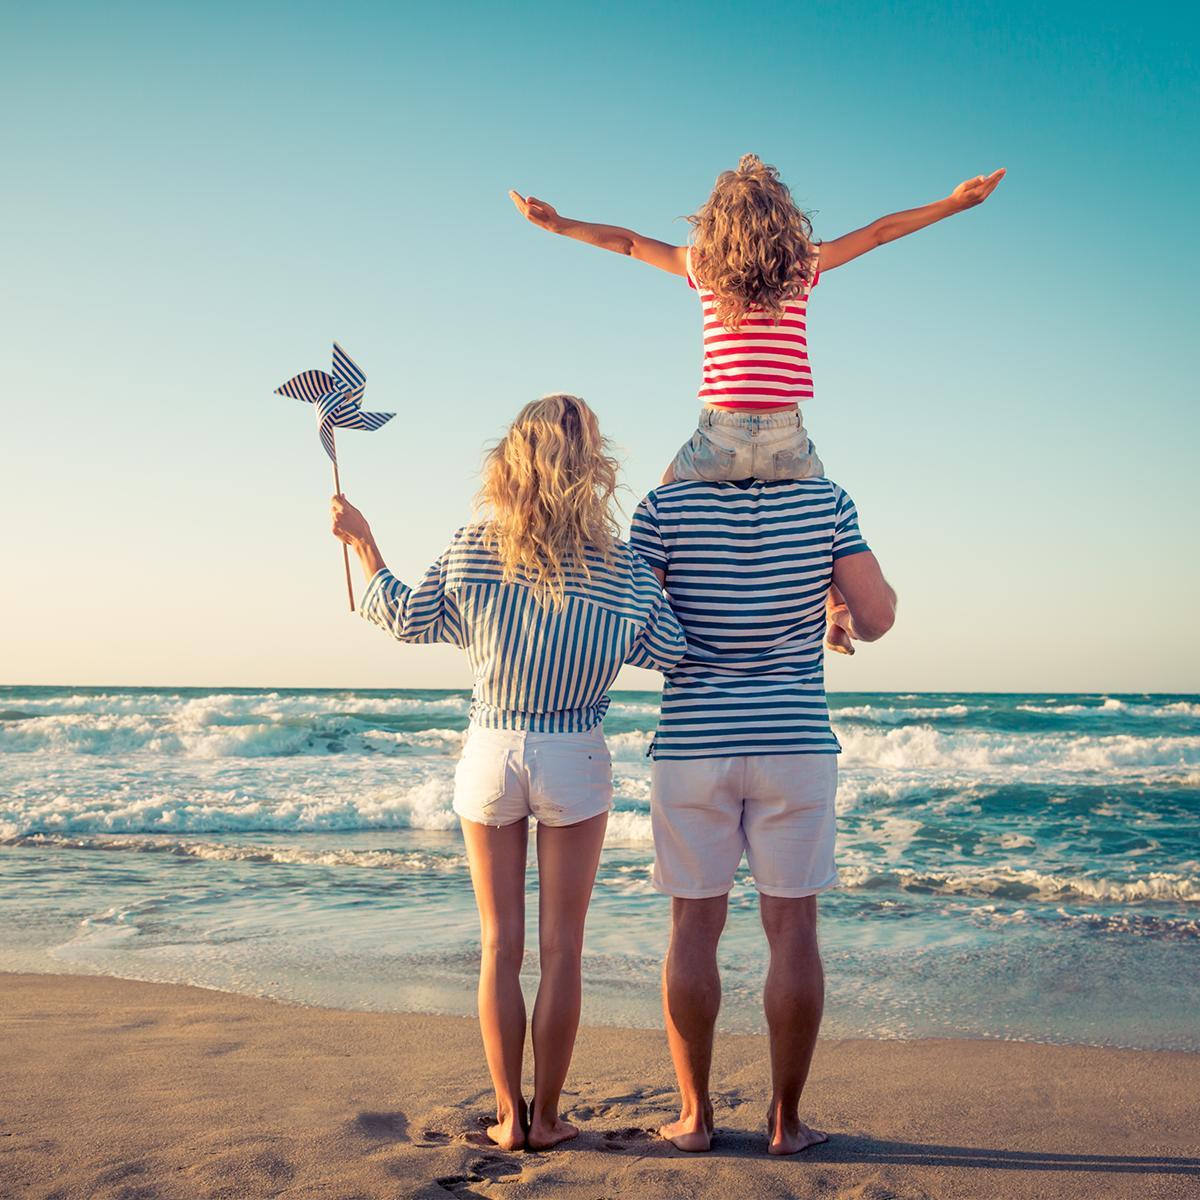 ☀ планируете отдых ☀ с детьми на море? ☀ где лучше - обзор вариантов ☀